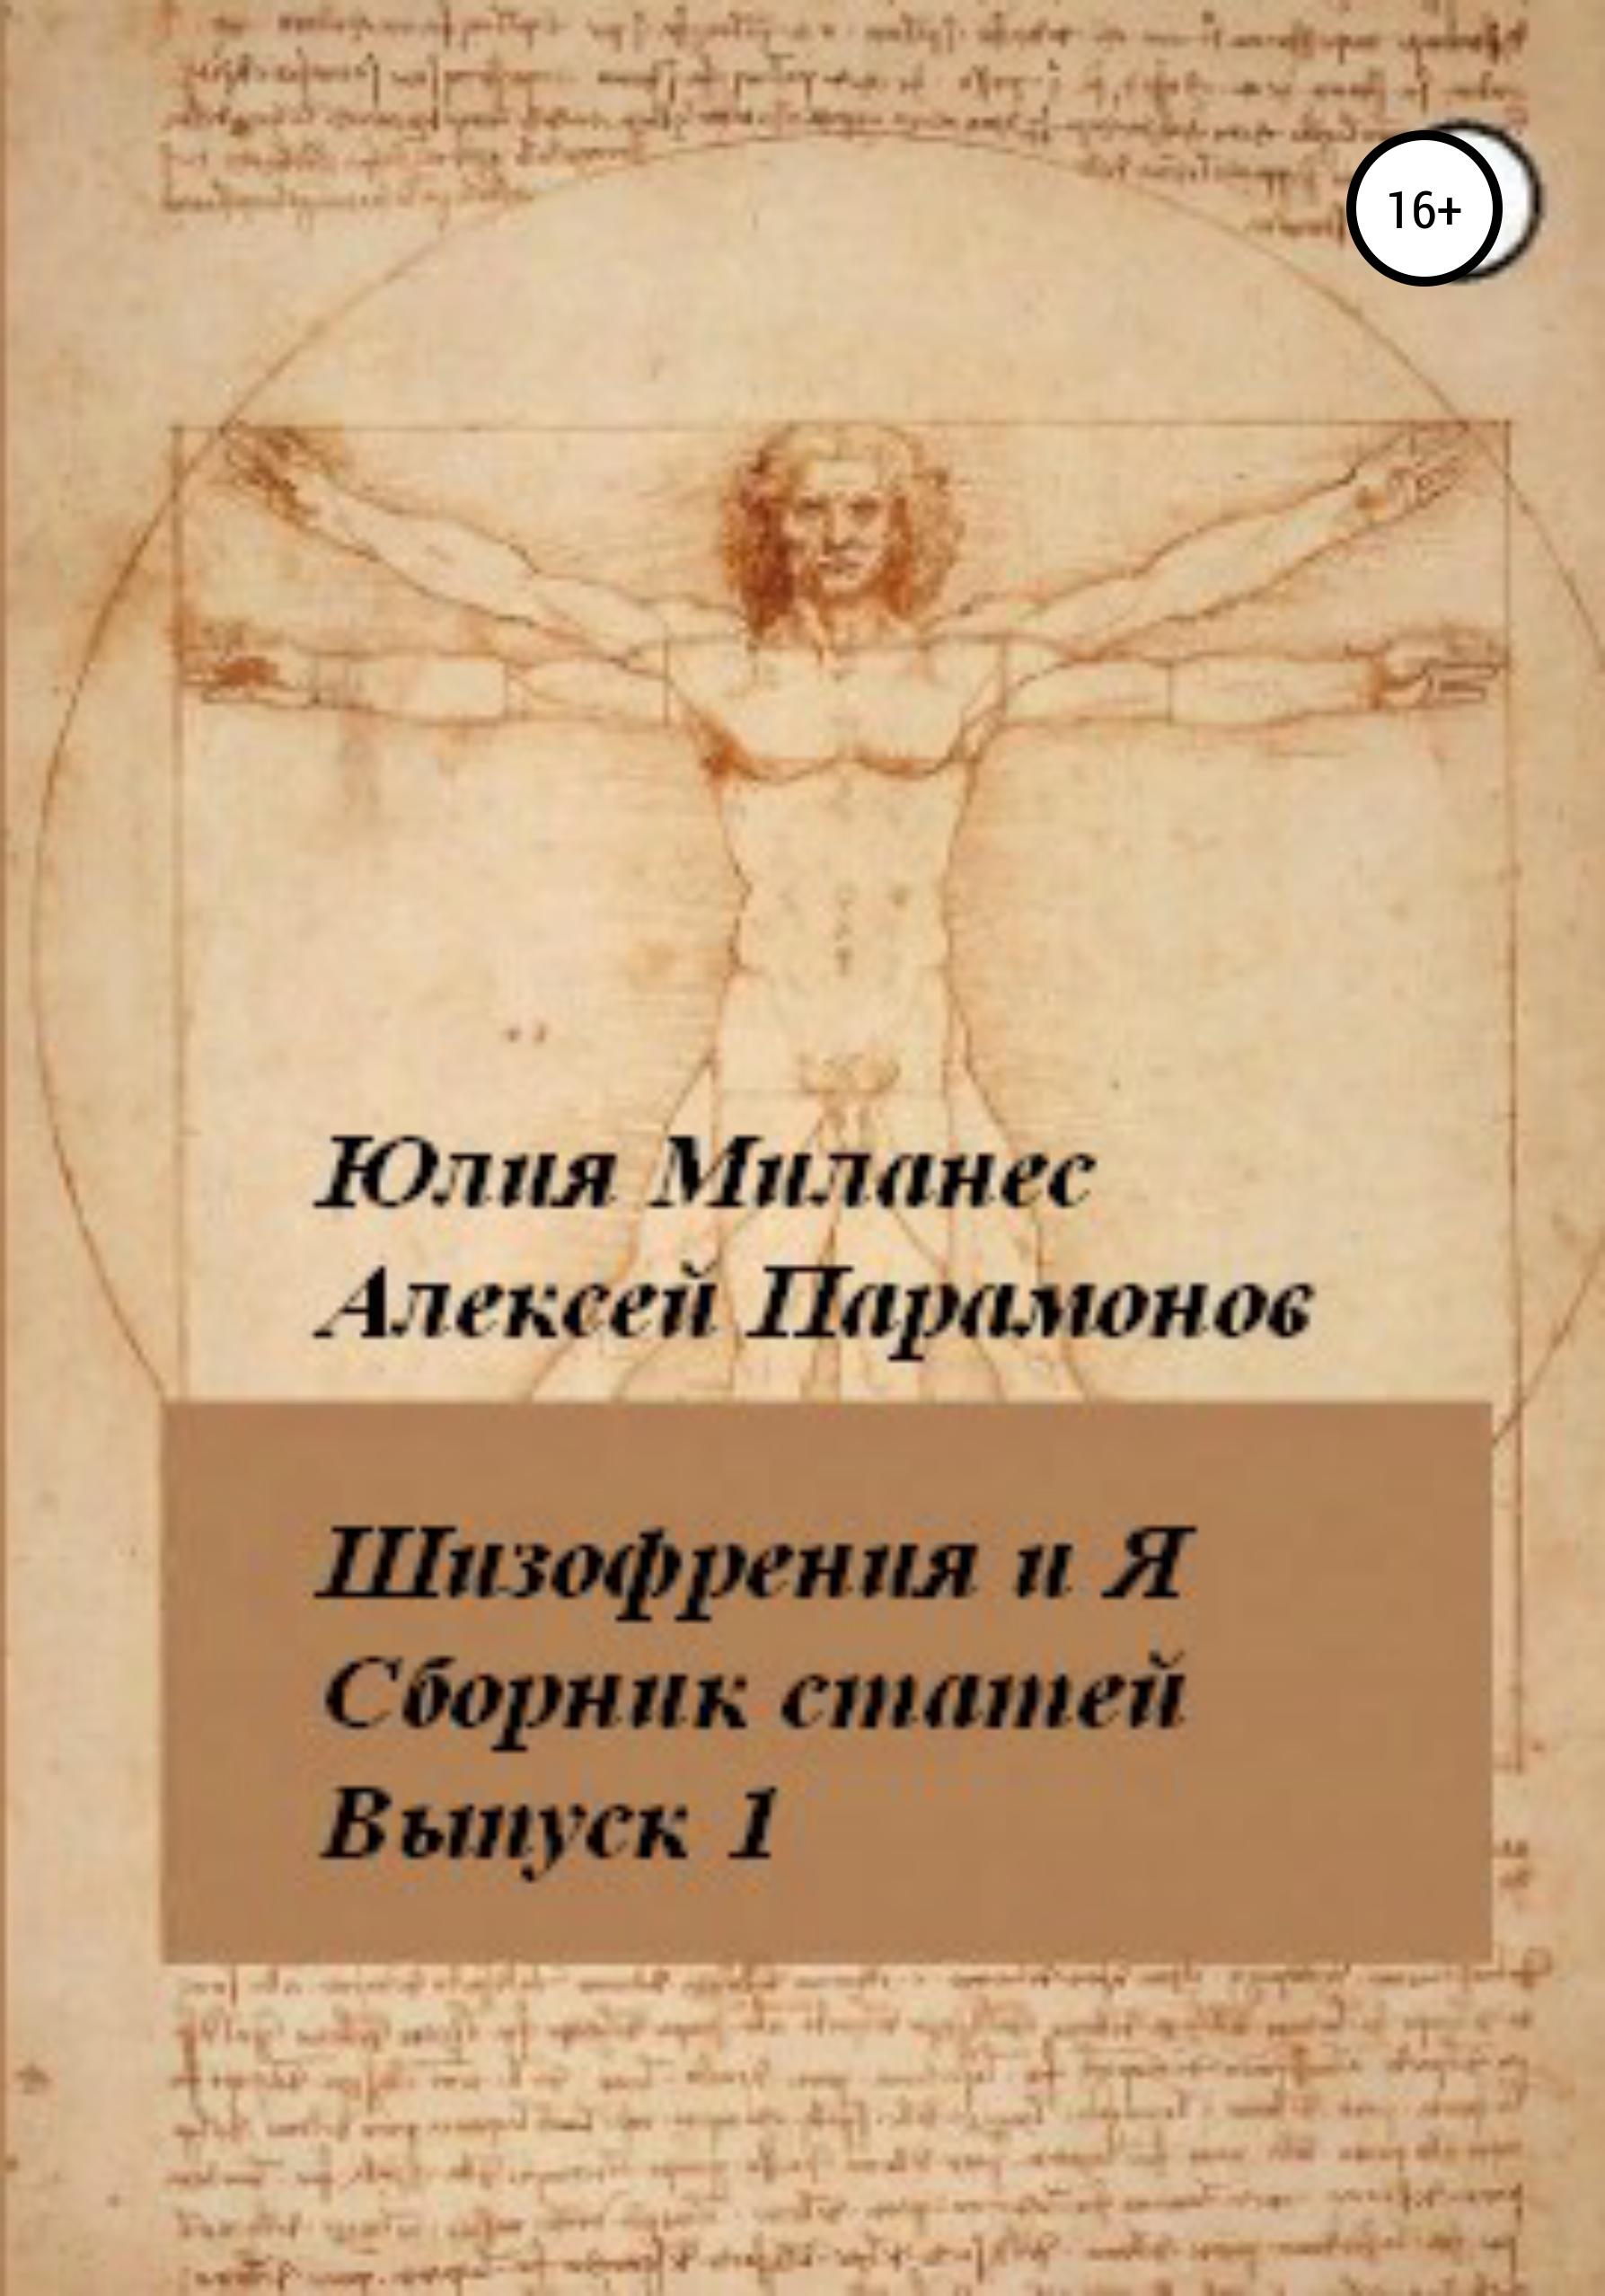 Купить книгу Шизофрения и я. Сборник статей. Выпуск 1, автора Алексея Парамонова